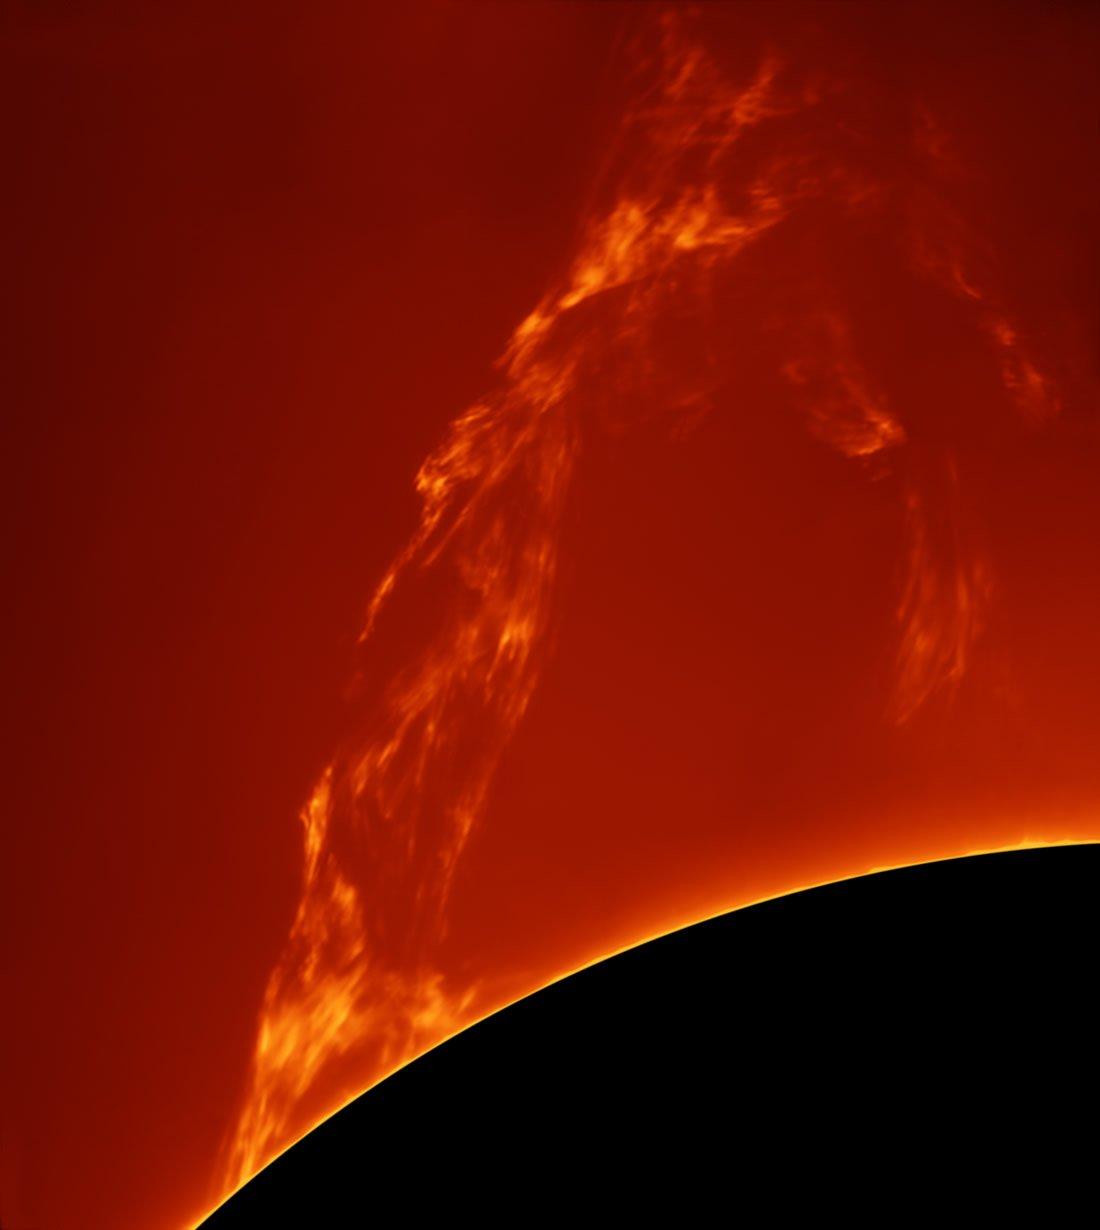 Vencedor na categoria Our Sun - Huge Prominence Lift-off por Paolo Porcellana (Itália)